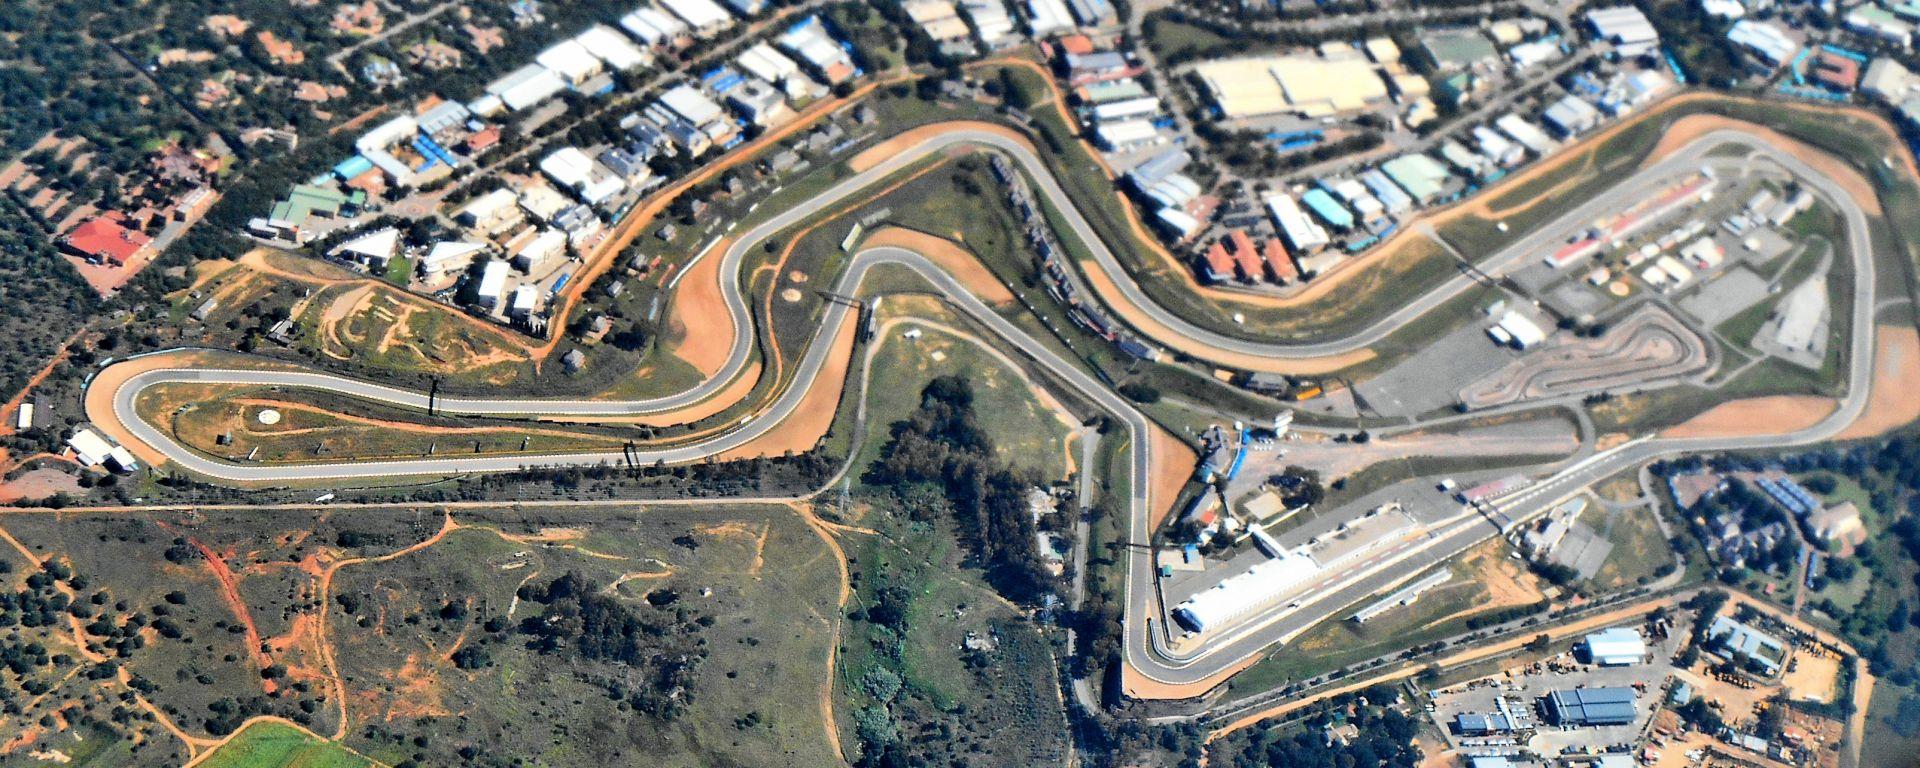 Circuito di Kyalami visto dall'alto